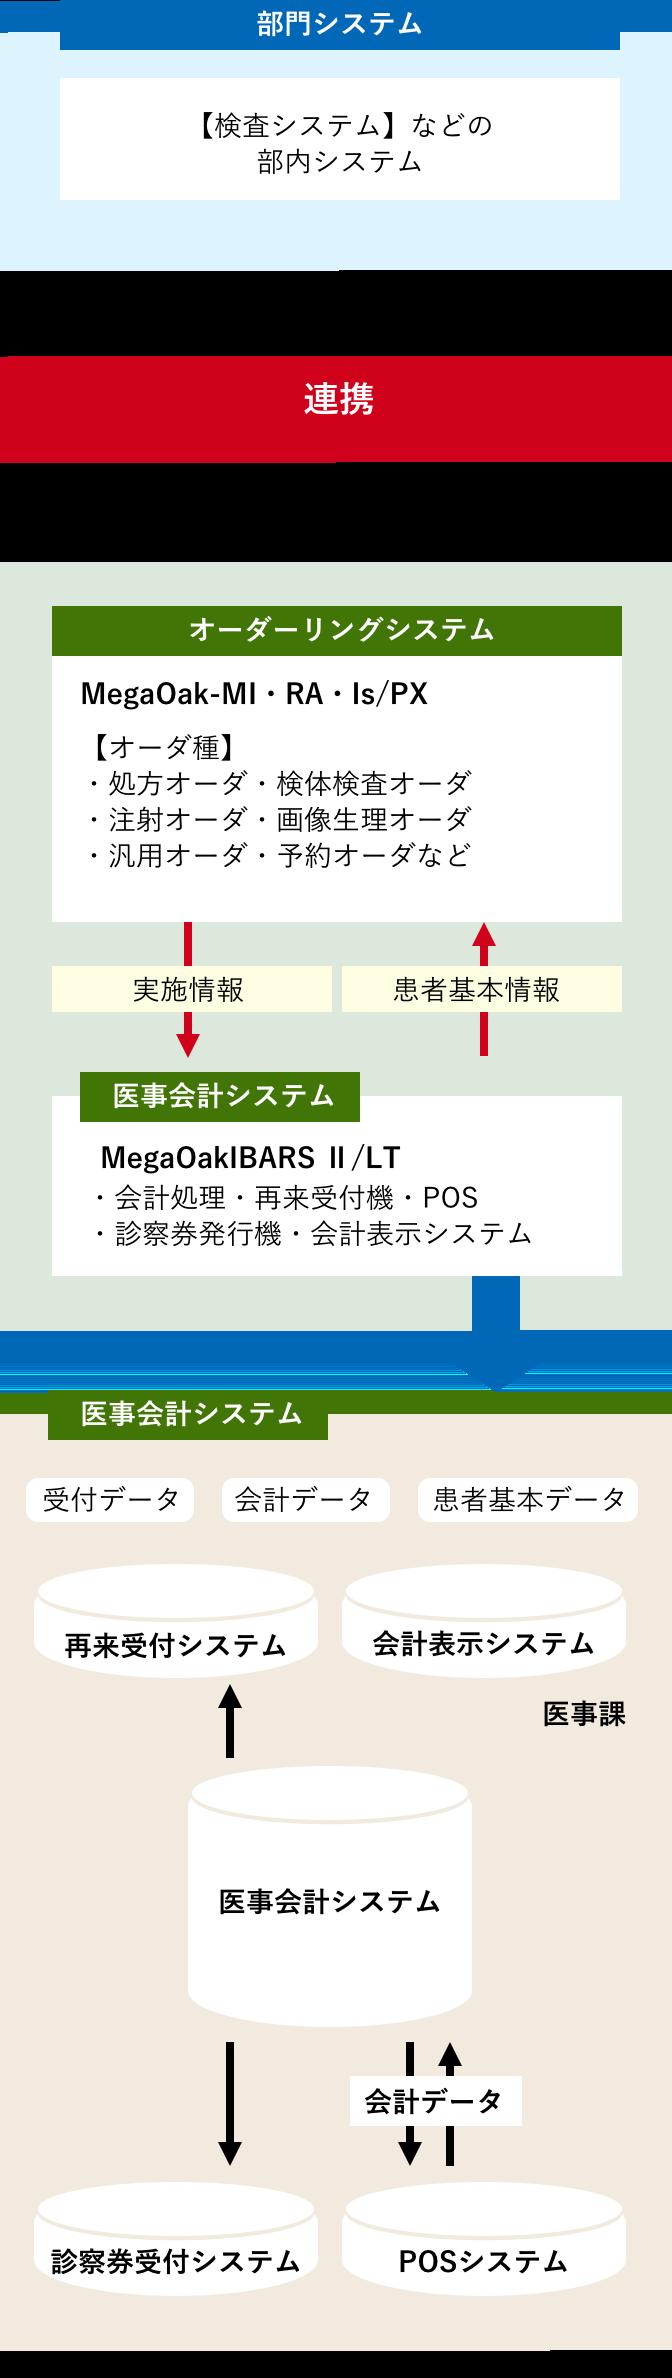 関西地区一般病院様 医療事務システムの導入イメージ図 医療会計システムとオーダリングシステム・部門システムとの連携